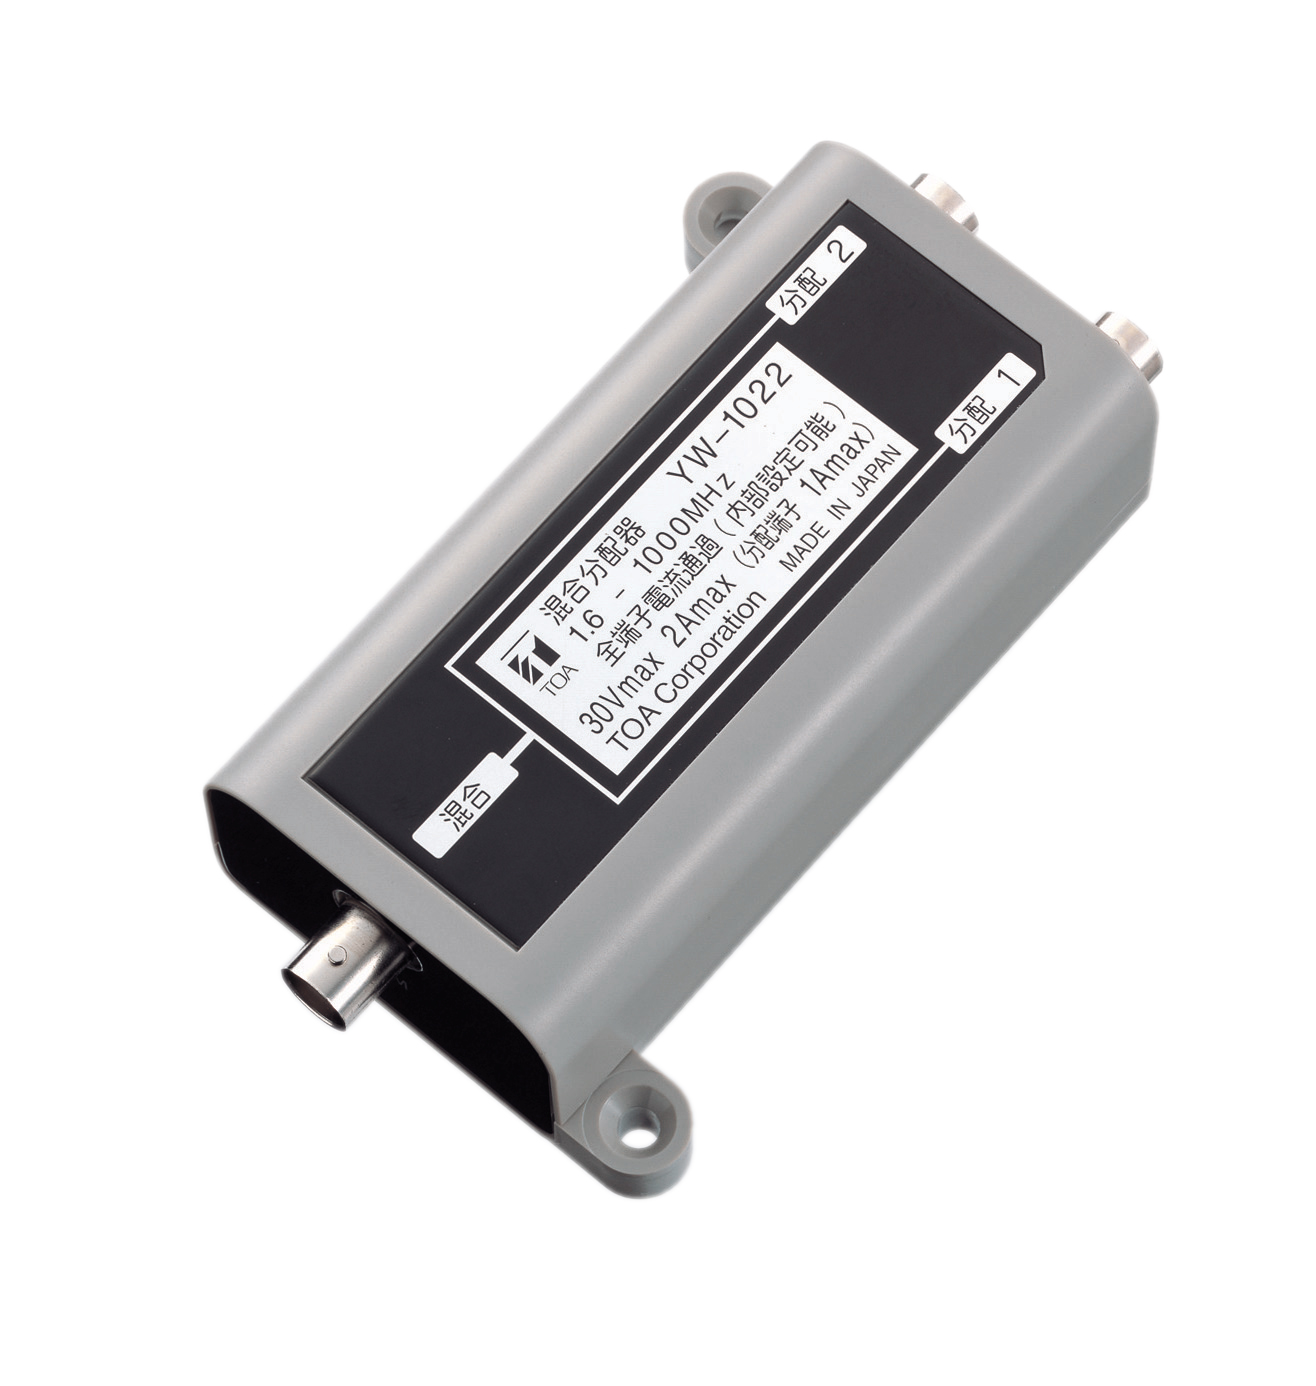 YW-1022 Distributor